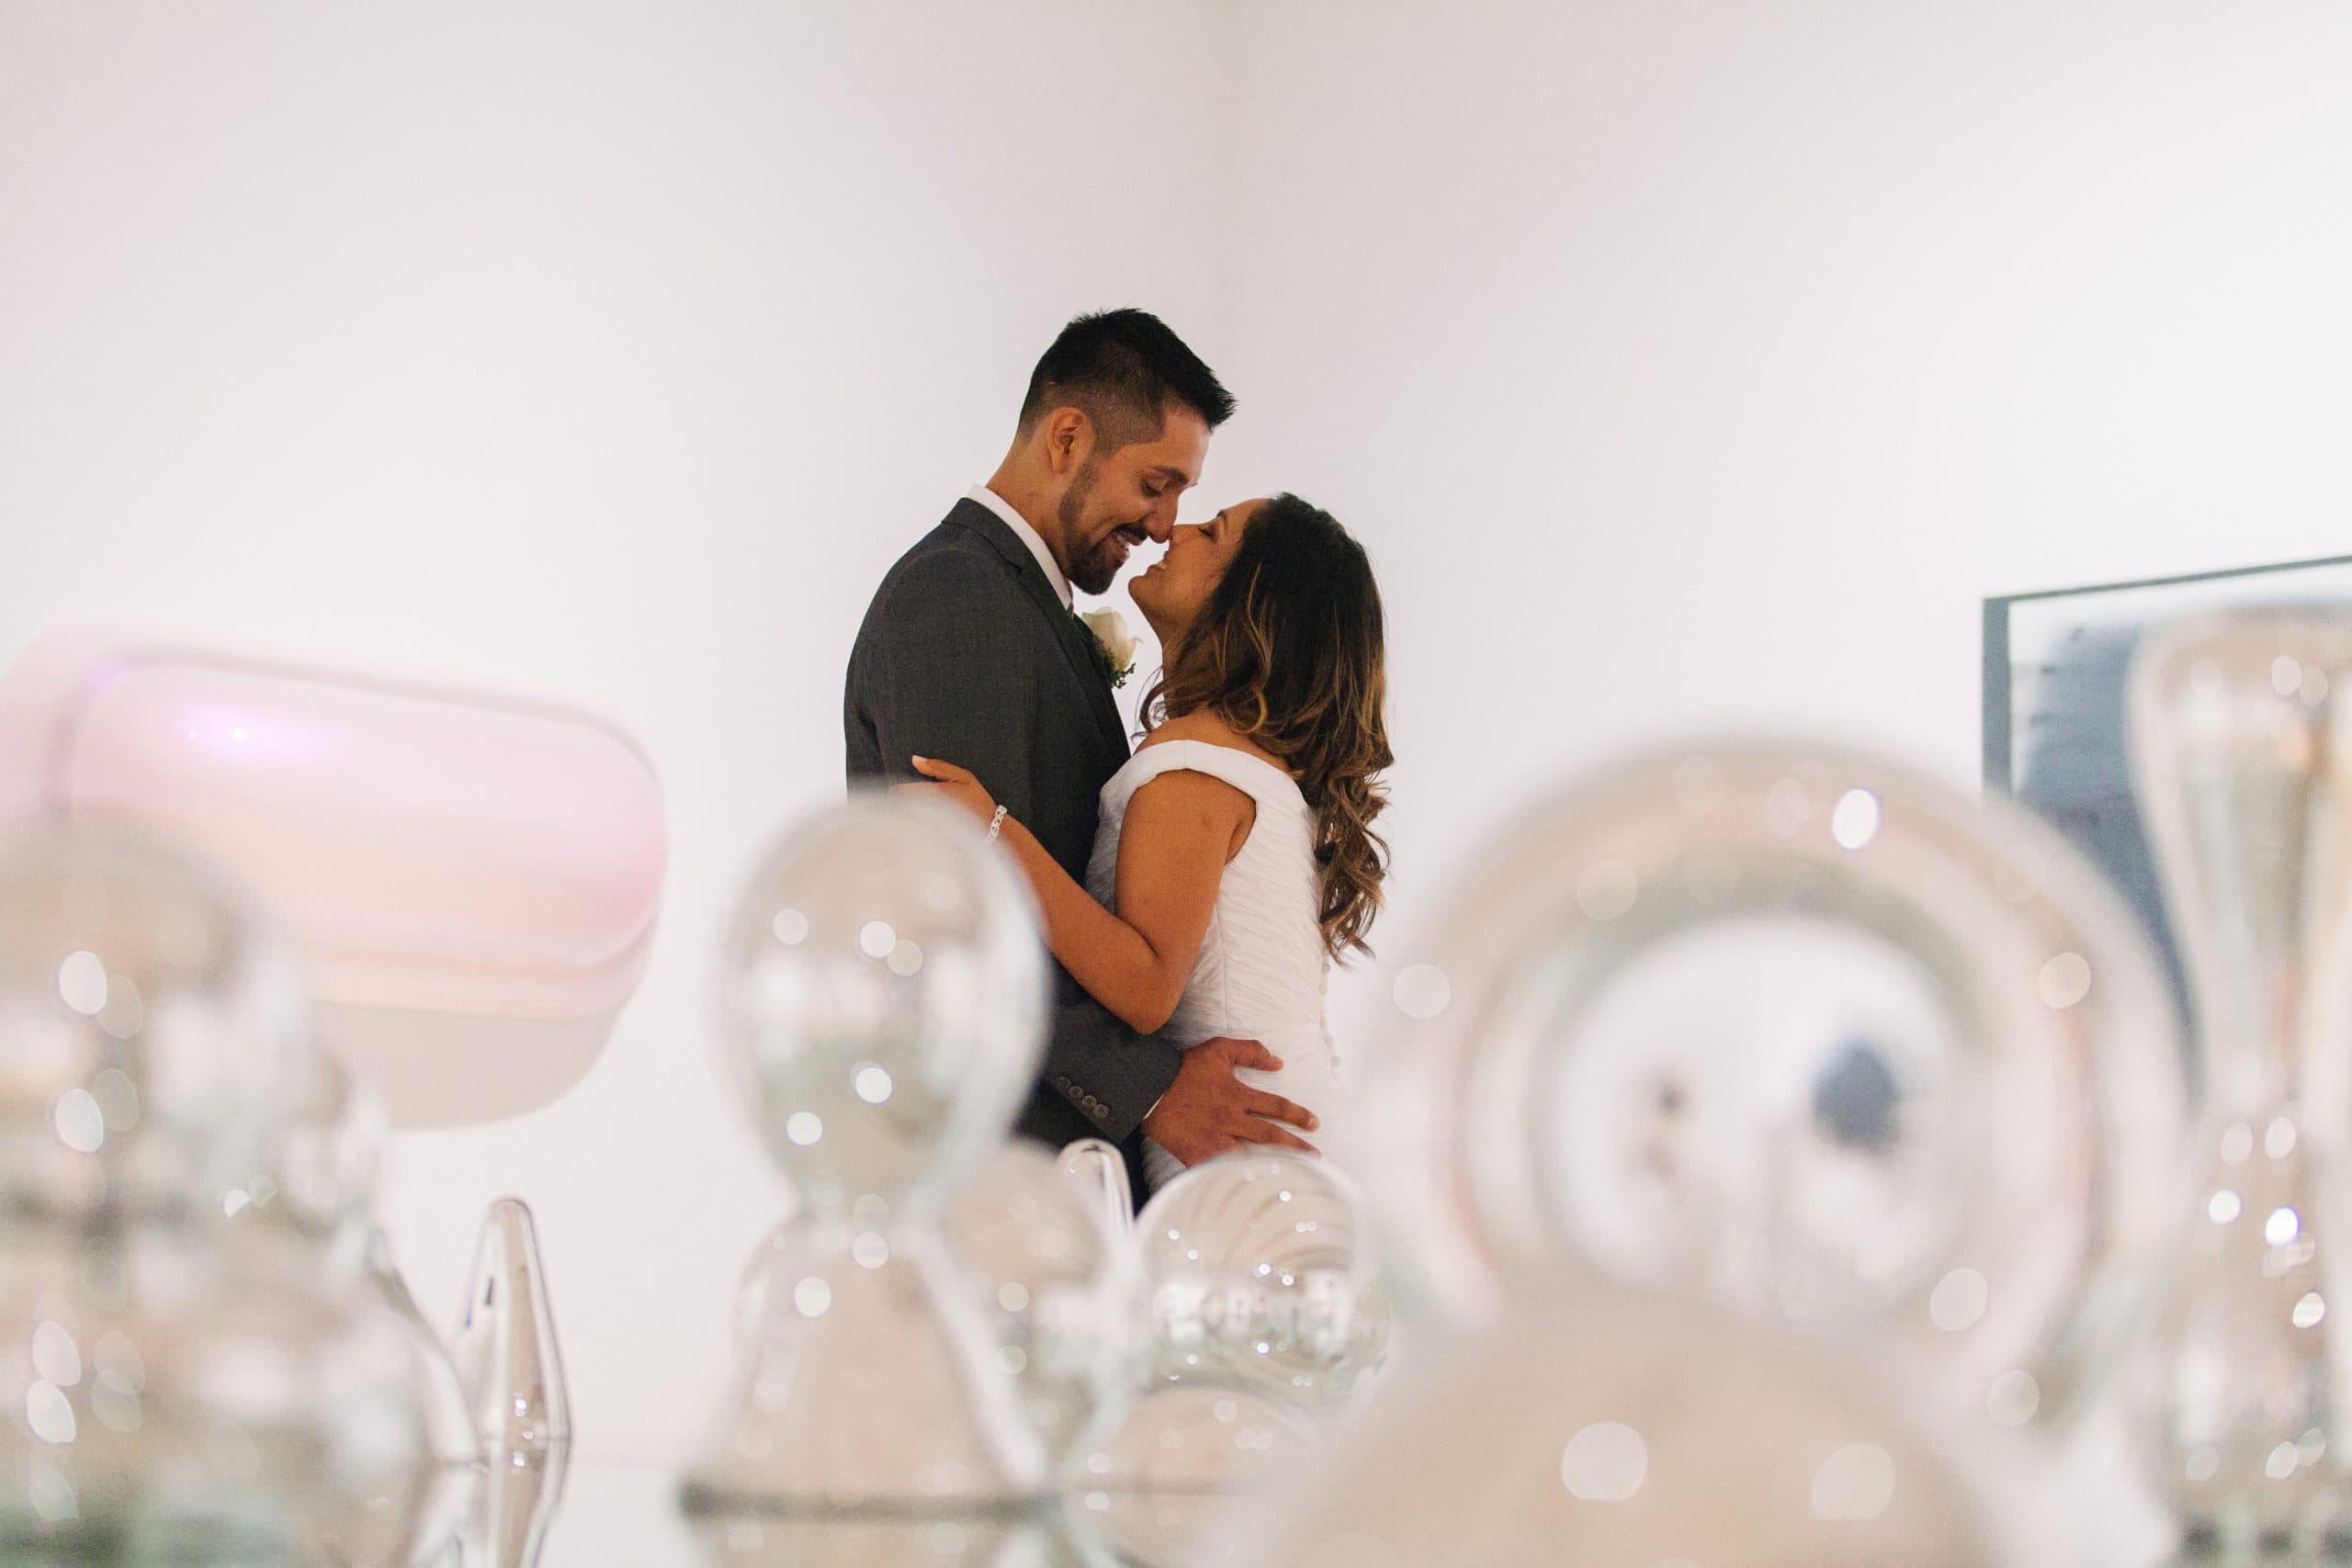 wedding couple among glass art exhibit in Phoenix Art Museum